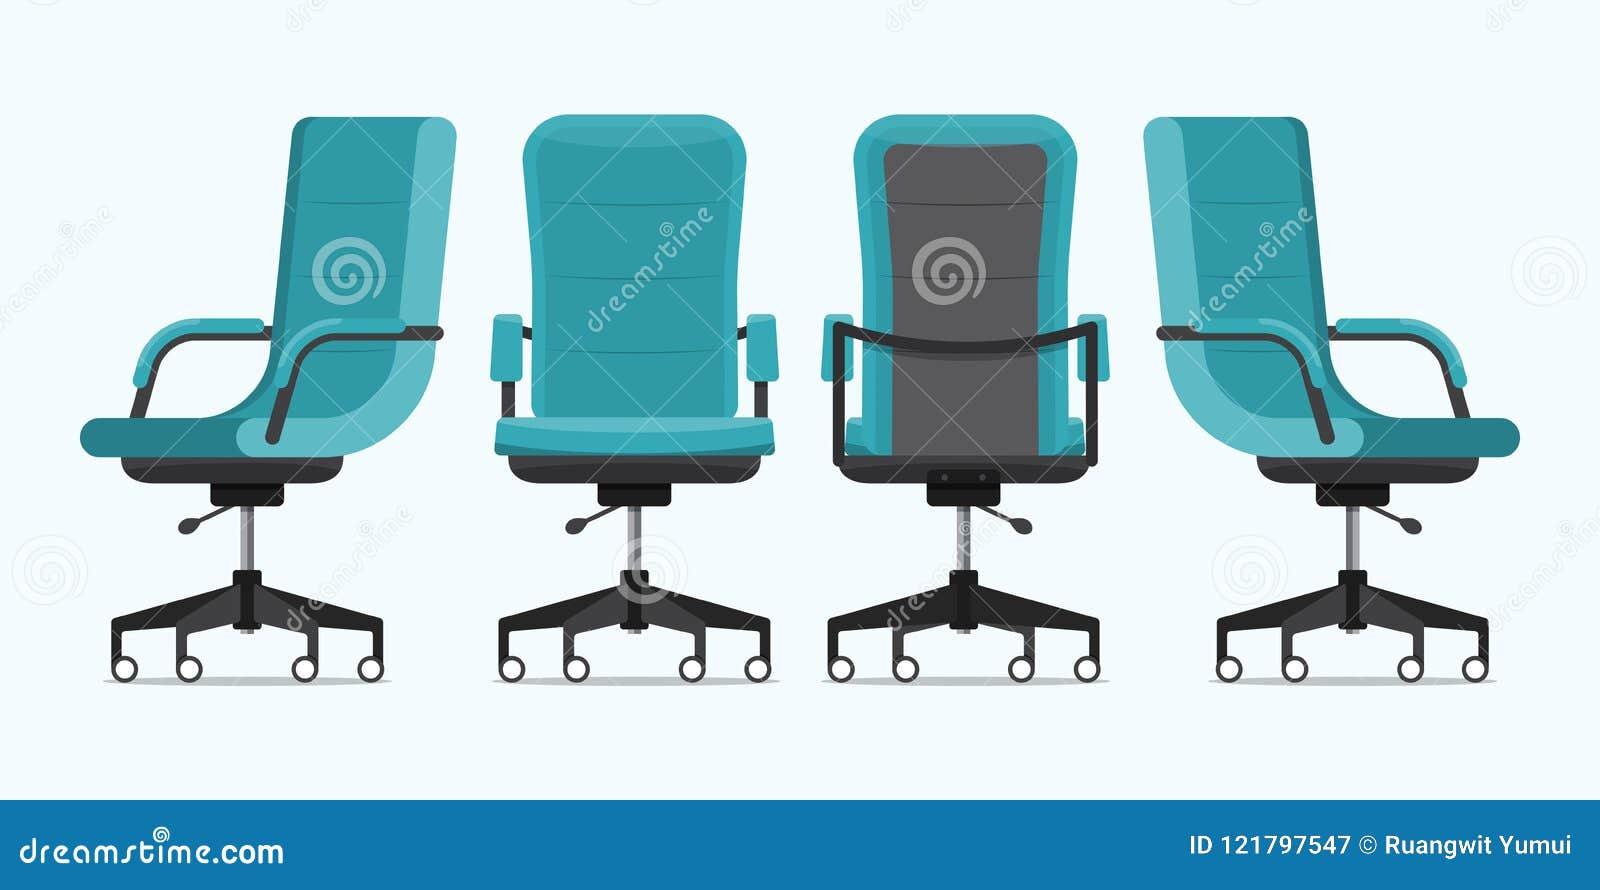 Dell'ufficio O Sedia Di Scrittorio In Vari Di Punti Sedia xdQCshrt